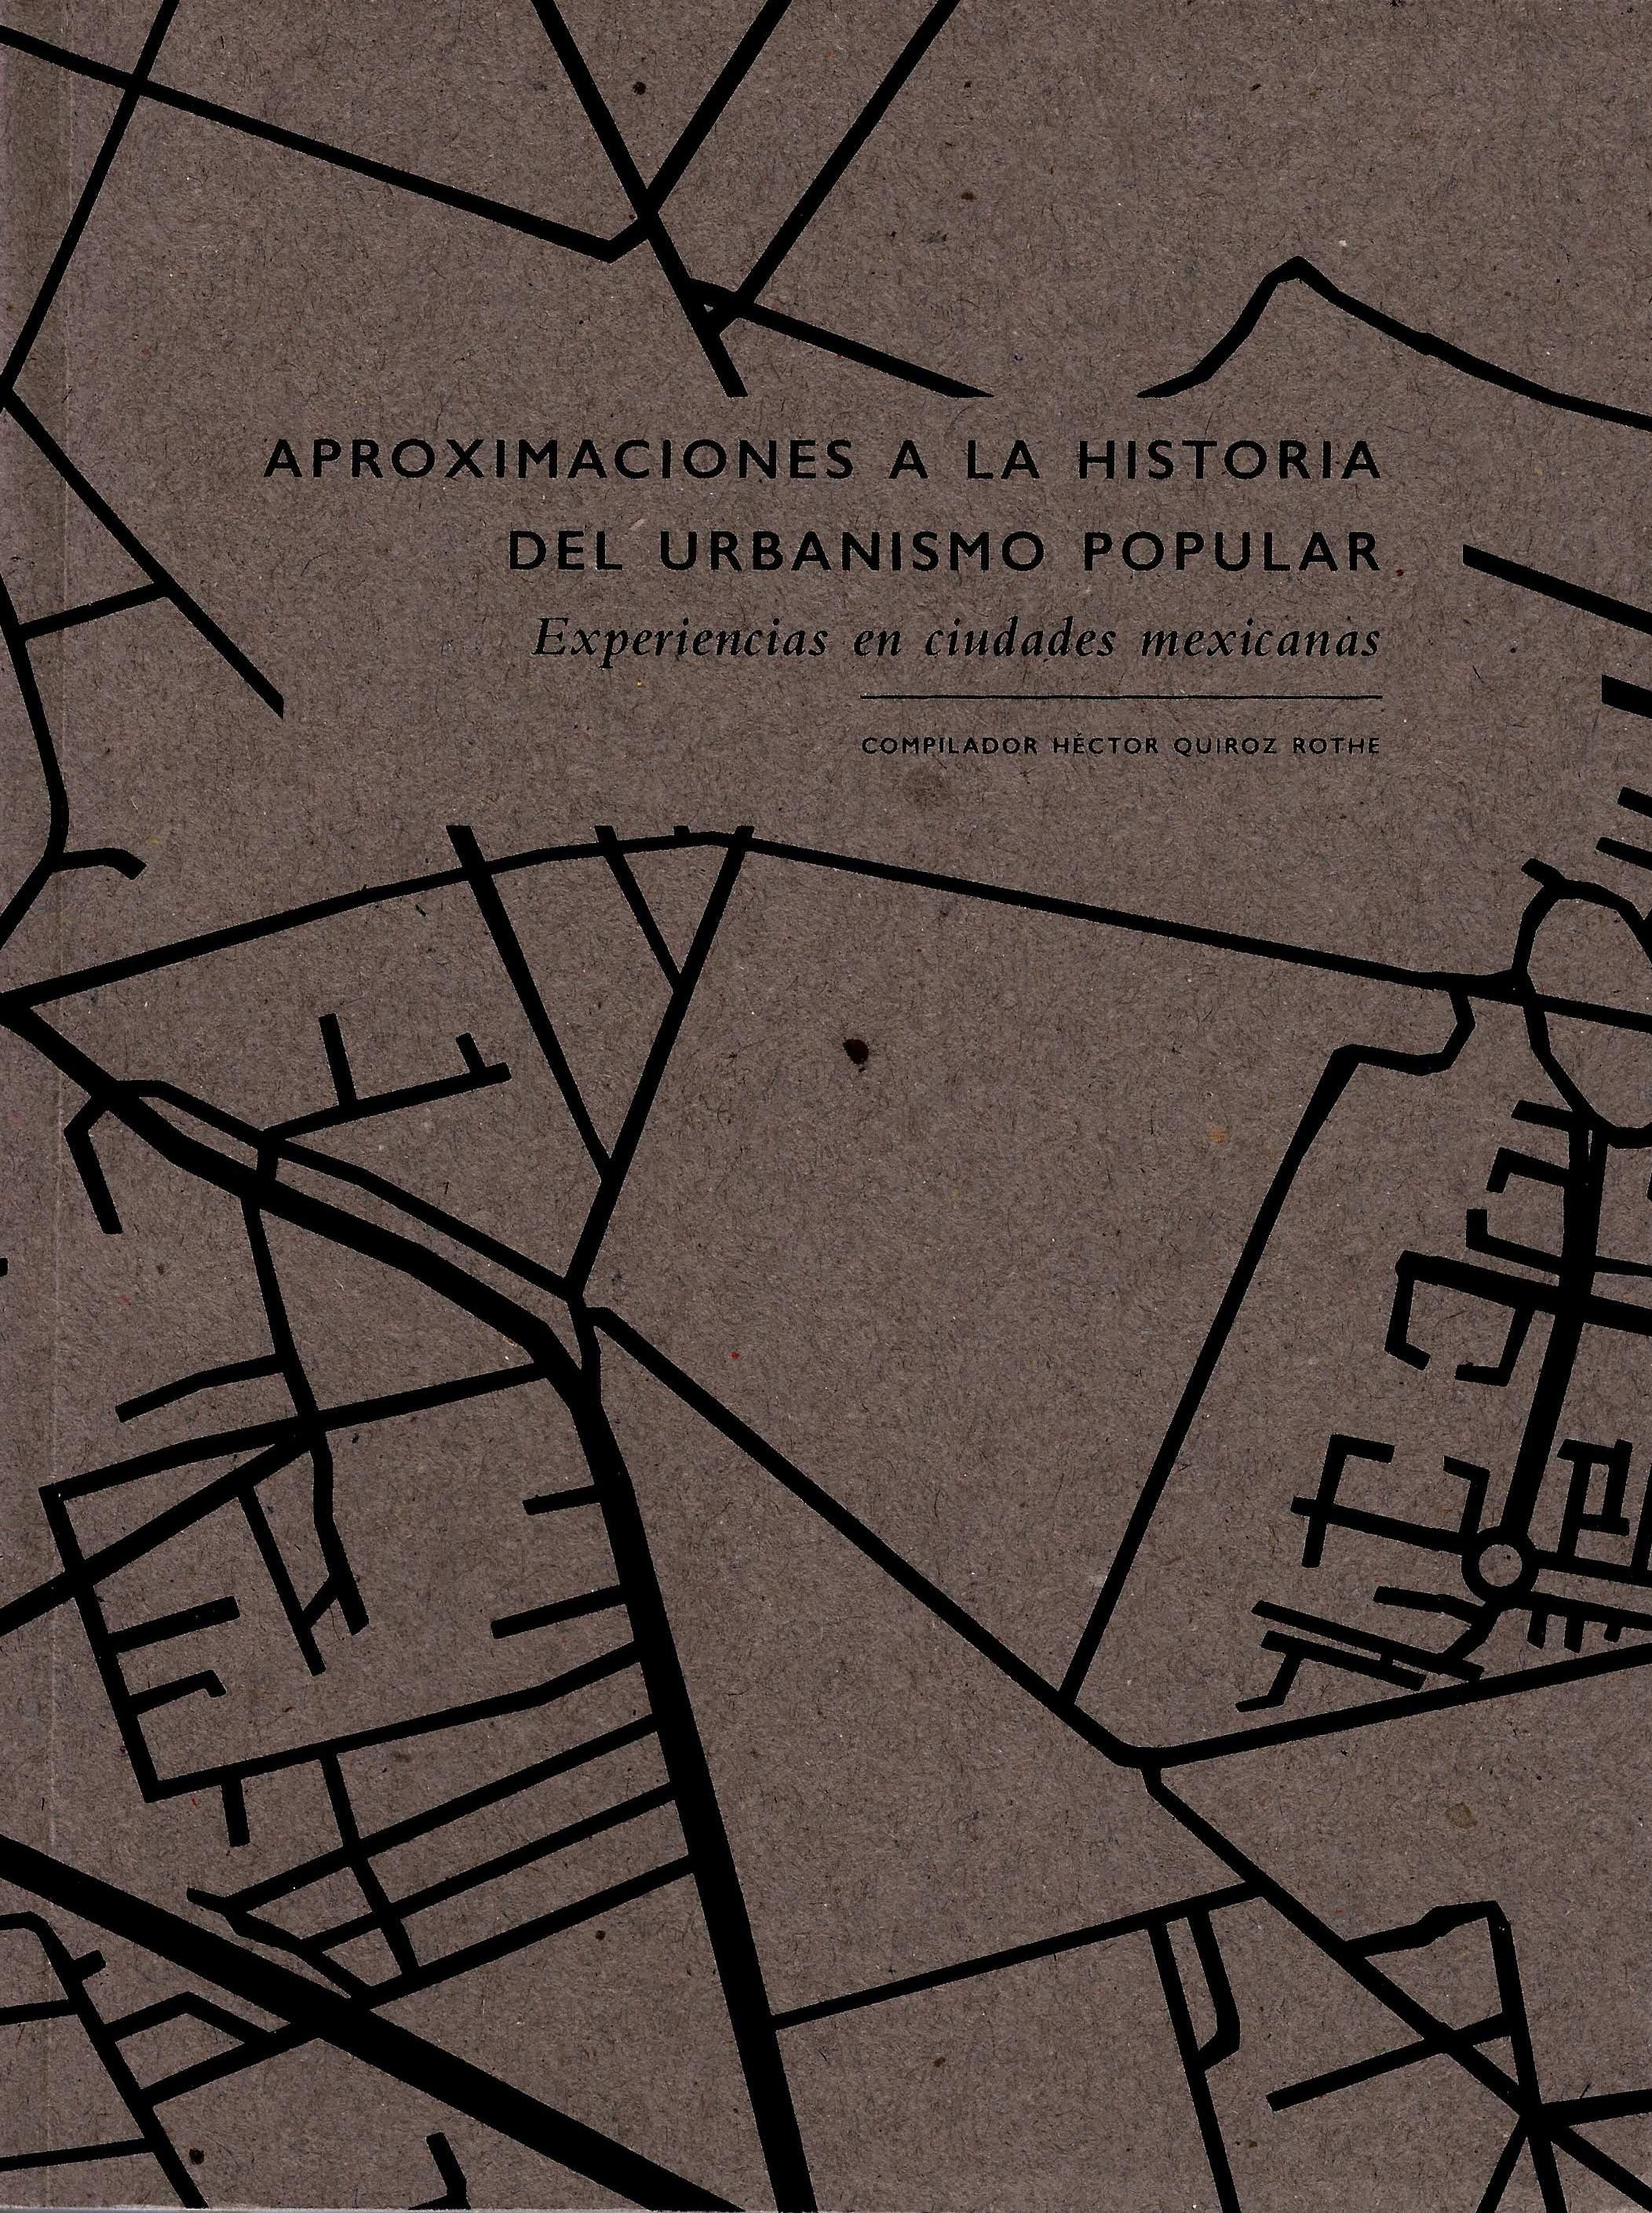 Aproximaciones a la historia del urbanismo popular. Experiencias en ciudades mexicanas